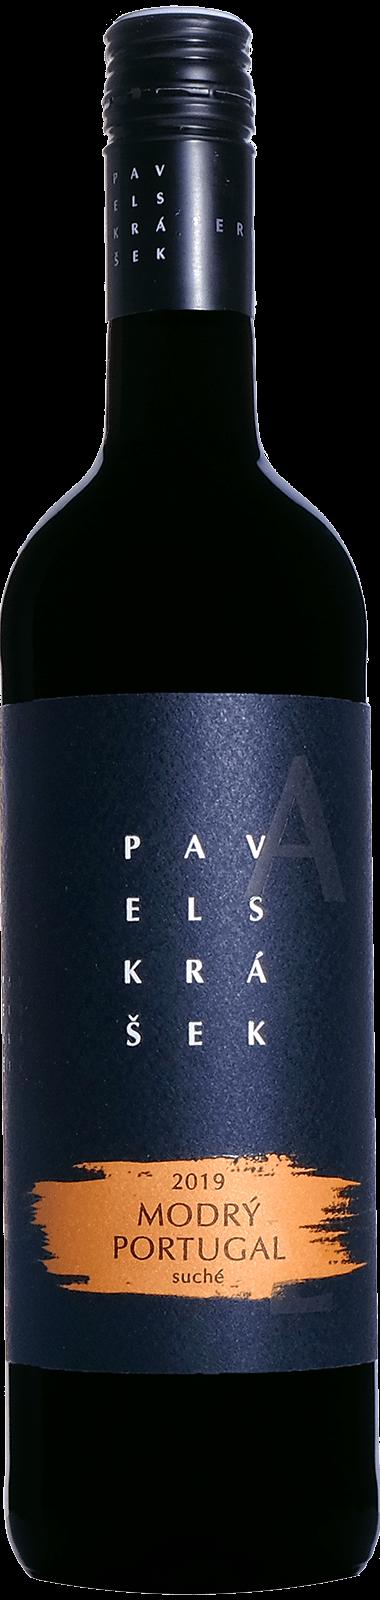 Modrý portugal 2019, MZV, suché, 0,75 l - vinařství Pavel Skrášek